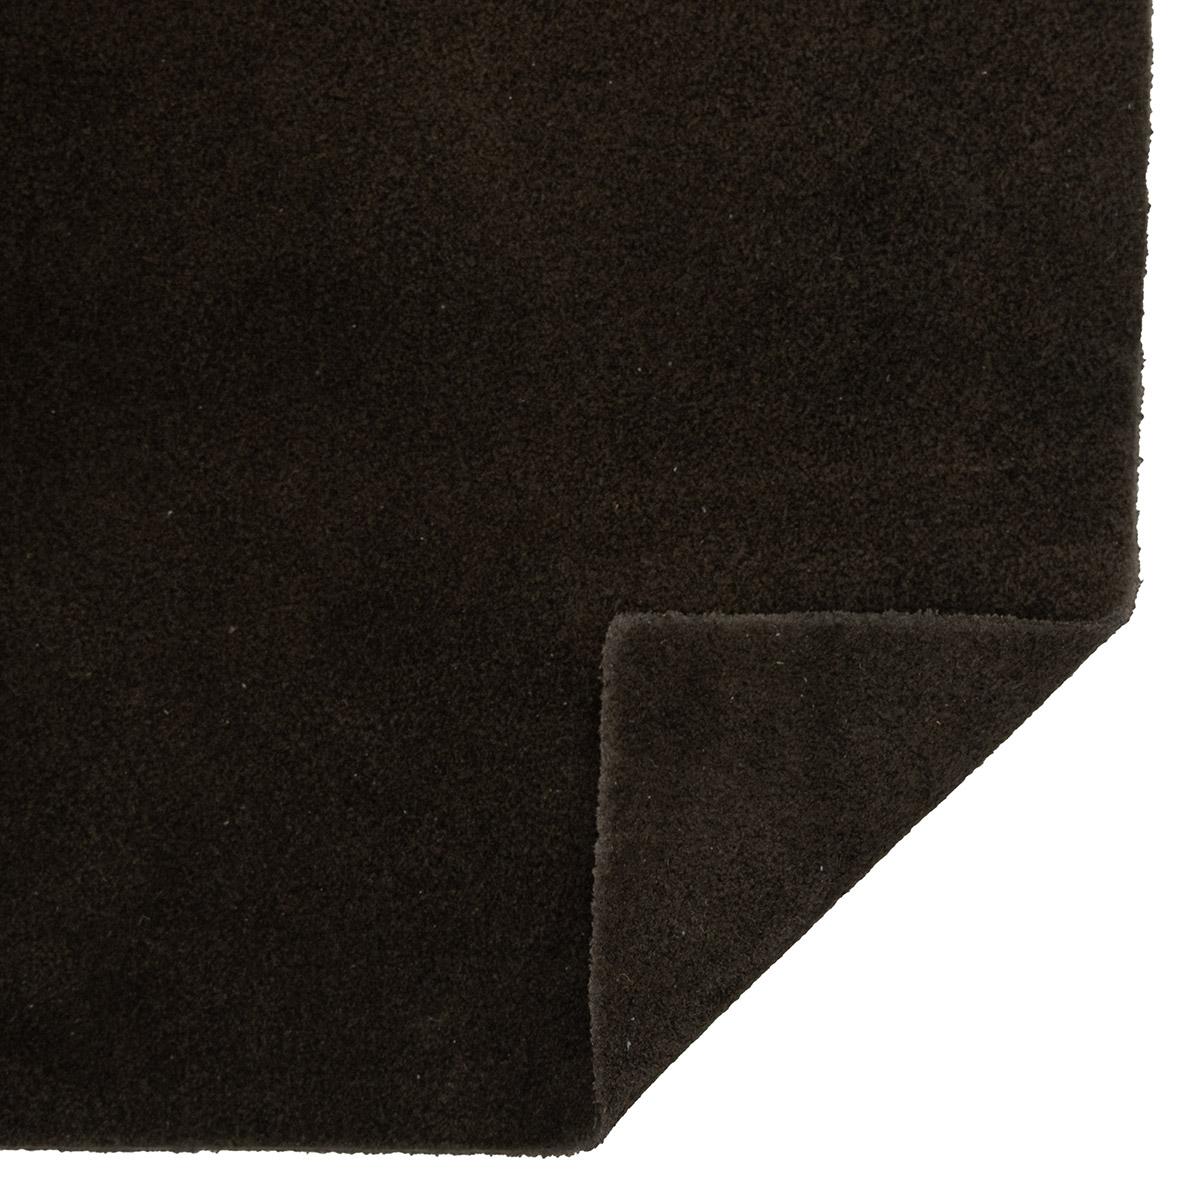 5401 Замша натуральная в листах А5 (21*14,8см),